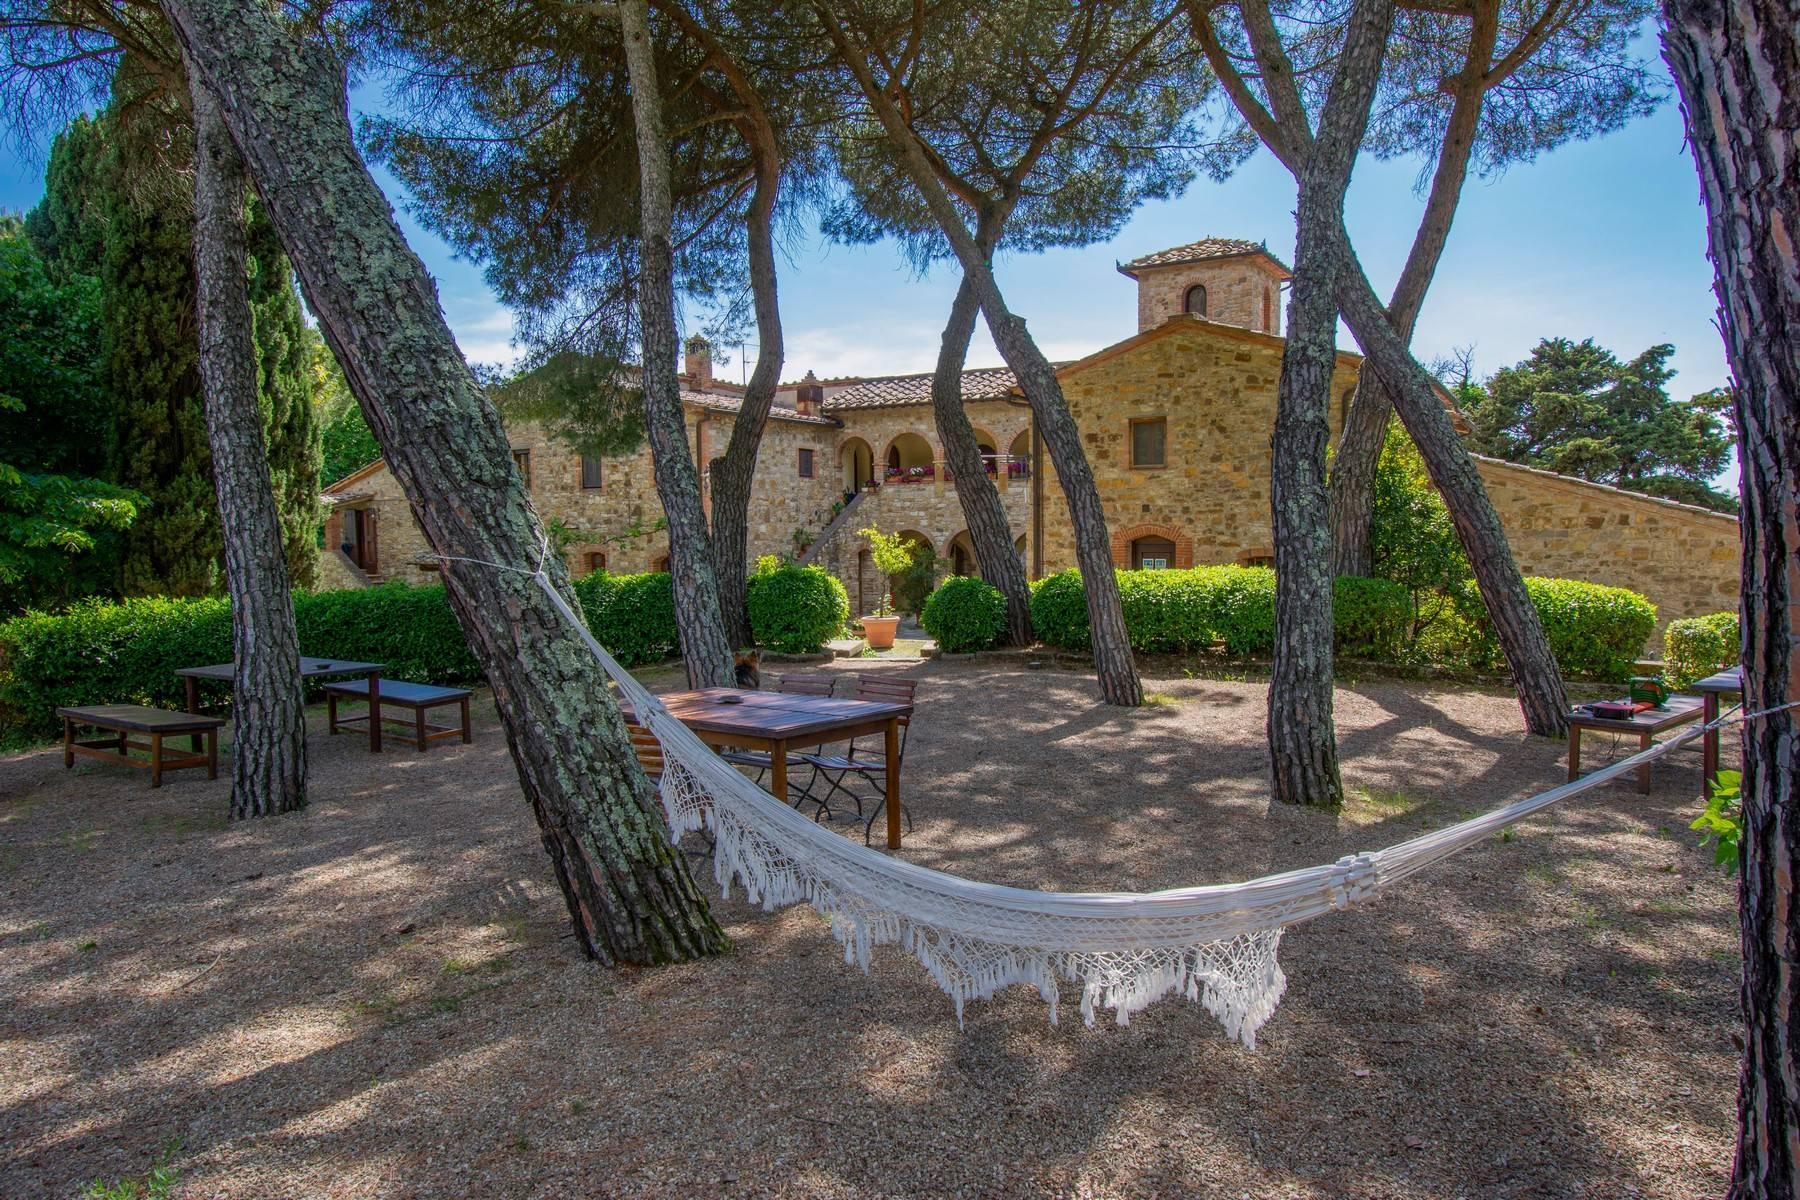 Esclusive wine estate in the heart of Chianti classico - 16